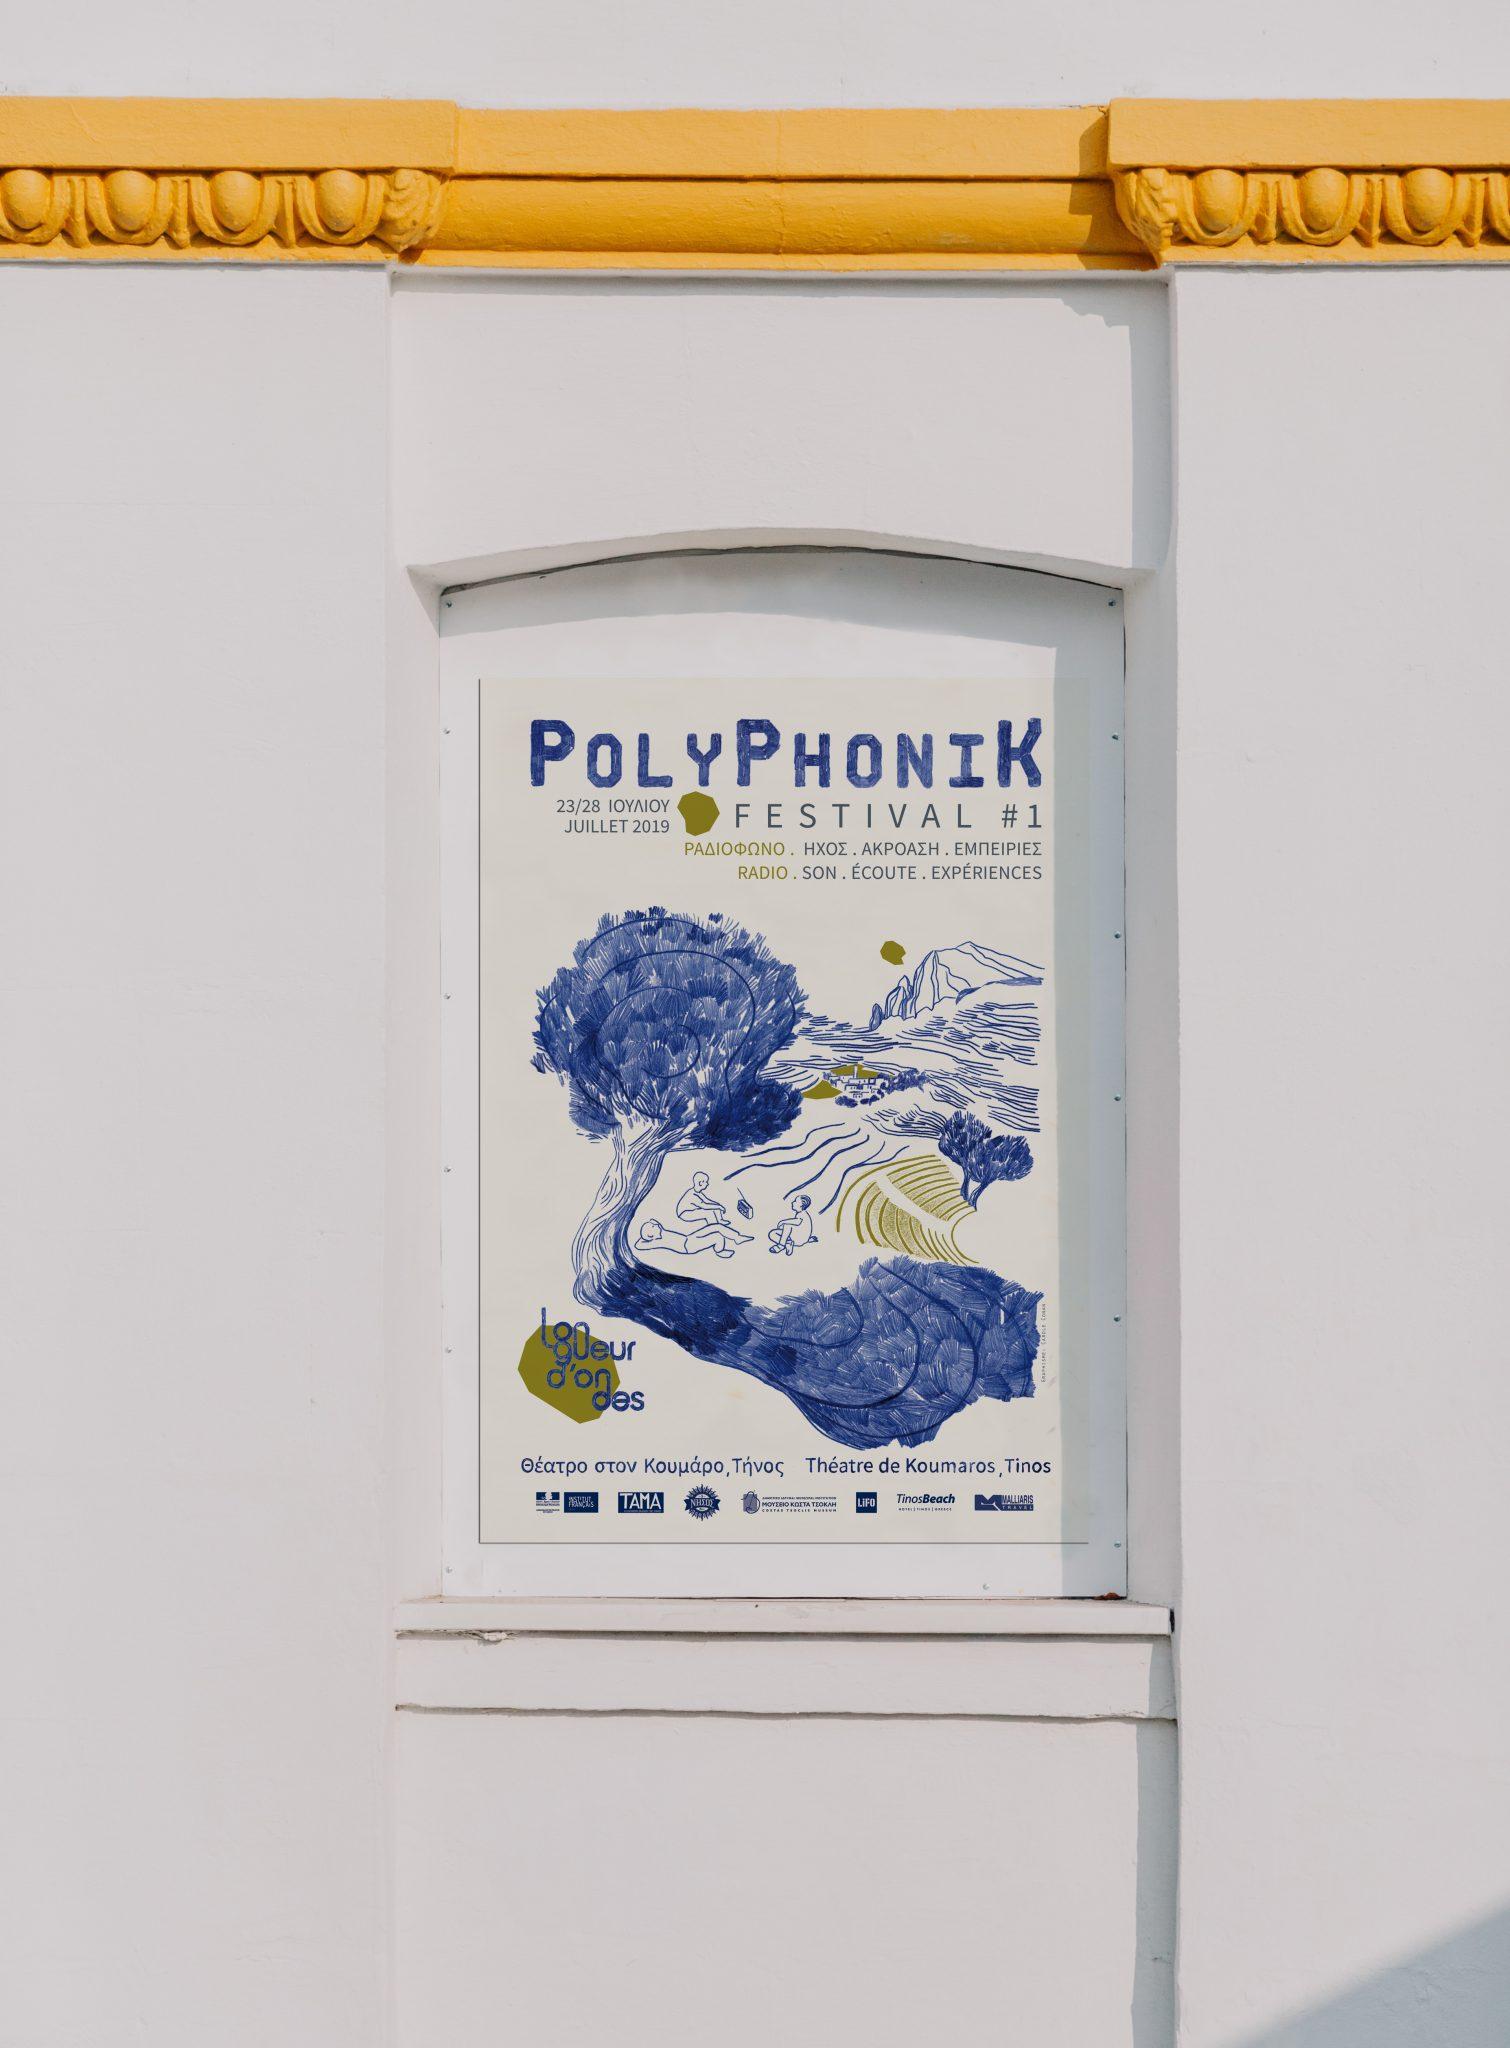 Polyphonik